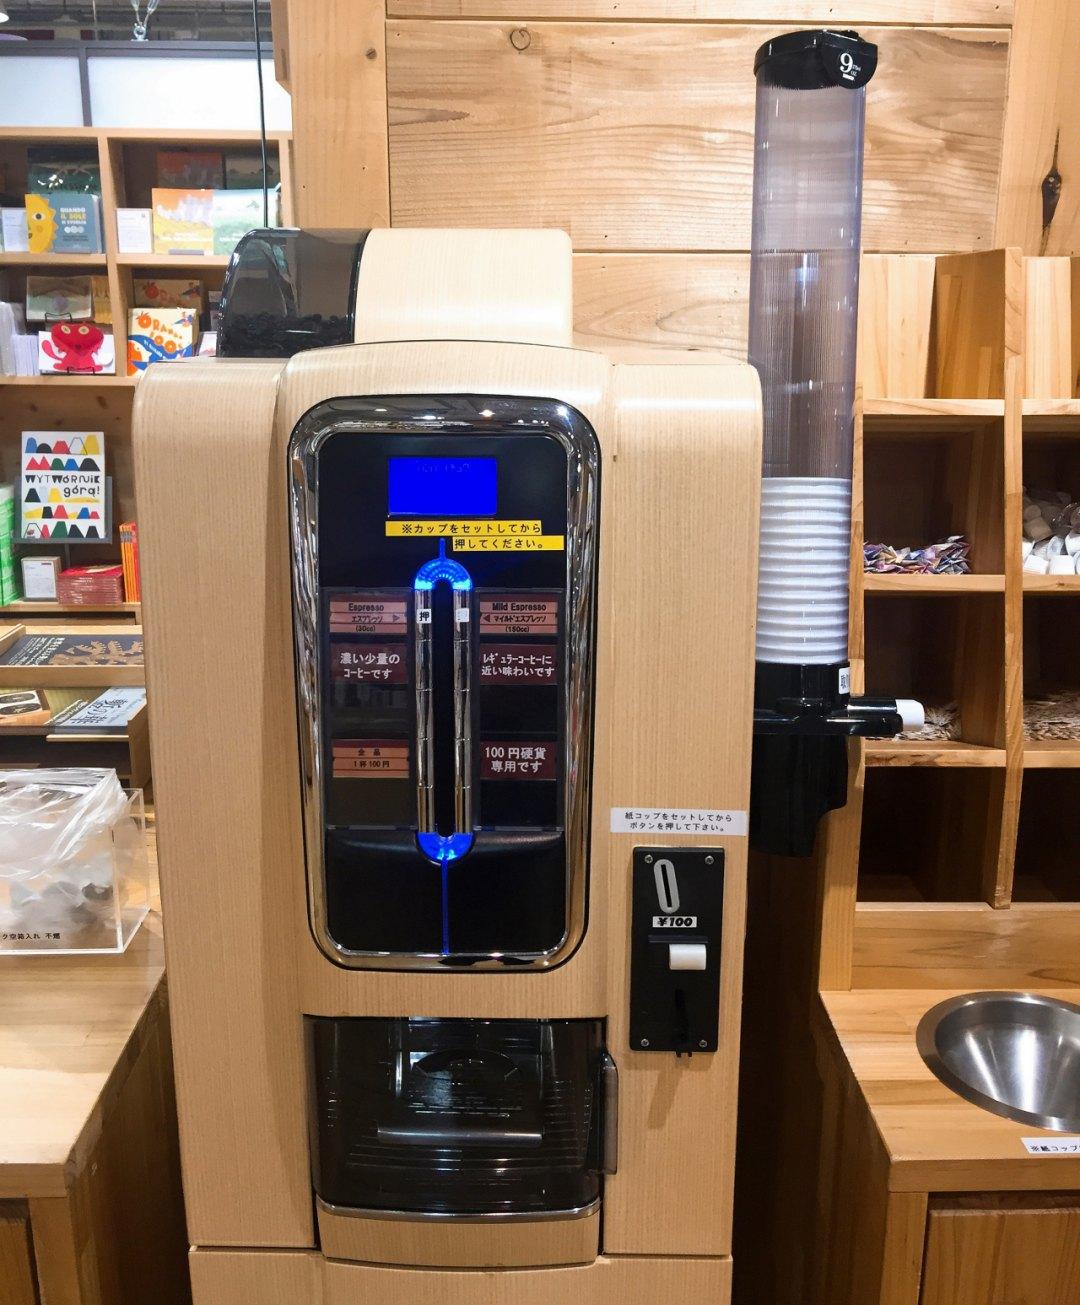 모든 무지 북스 매장에서 볼 수 있는 100엔 커피 머신 ©생각노트